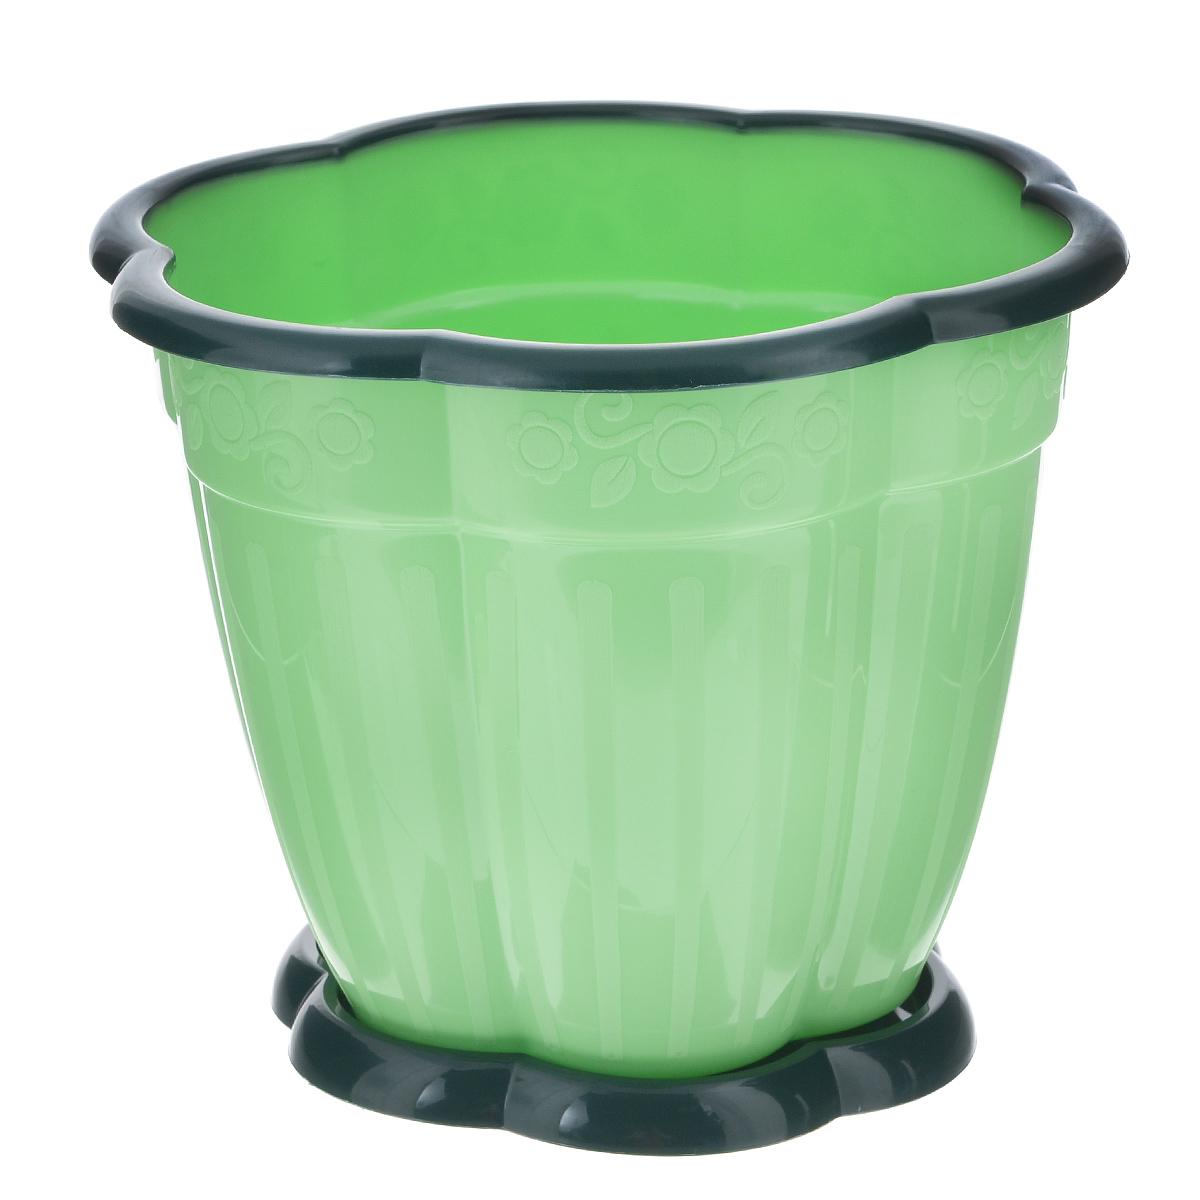 Горшок для цветов Альтернатива Восторг, цвет: зеленый, черный, 1,5 лМ1218Любой, даже самый современный и продуманный интерьер будет не завершенным без растений. Они не только очищают воздух и насыщают его кислородом, но и заметно украшают окружающее пространство. Такому полезному члену семьи просто необходимо красивое и функциональное кашпо, оригинальный горшок или необычная ваза! Мы предлагаем - Горшок для цветов 1,5 л Восторг, поддон, цвет зеленый! Оптимальный выбор материала - это пластмасса! Почему мы так считаем? Малый вес. С легкостью переносите горшки и кашпо с места на место, ставьте их на столики или полки, подвешивайте под потолок, не беспокоясь о нагрузке. Простота ухода. Пластиковые изделия не нуждаются в специальных условиях хранения. Их легко чистить достаточно просто сполоснуть теплой водой. Никаких царапин. Пластиковые кашпо не царапают и не загрязняют поверхности, на которых стоят. Пластик дольше хранит влагу, а значит растение реже нуждается в поливе. Пластмасса не пропускает воздух корневой системе растения не грозят резкие перепады температур. Огромный выбор форм, декора и расцветок вы без труда подберете что-то, что идеально впишется в уже существующий интерьер. Соблюдая нехитрые правила ухода, вы можете заметно продлить срок службы горшков, вазонов и кашпо из пластика: всегда учитывайте размер кроны и корневой системы растения (при разрастании большое растение способно повредить маленький горшок) берегите изделие от воздействия прямых солнечных лучей, чтобы кашпо и горшки не выцветали держите кашпо и горшки из пластика подальше от нагревающихся поверхностей. Создавайте прекрасные цветочные композиции, выращивайте рассаду или необычные растения, а низкие цены позволят вам не ограничивать себя в выборе.